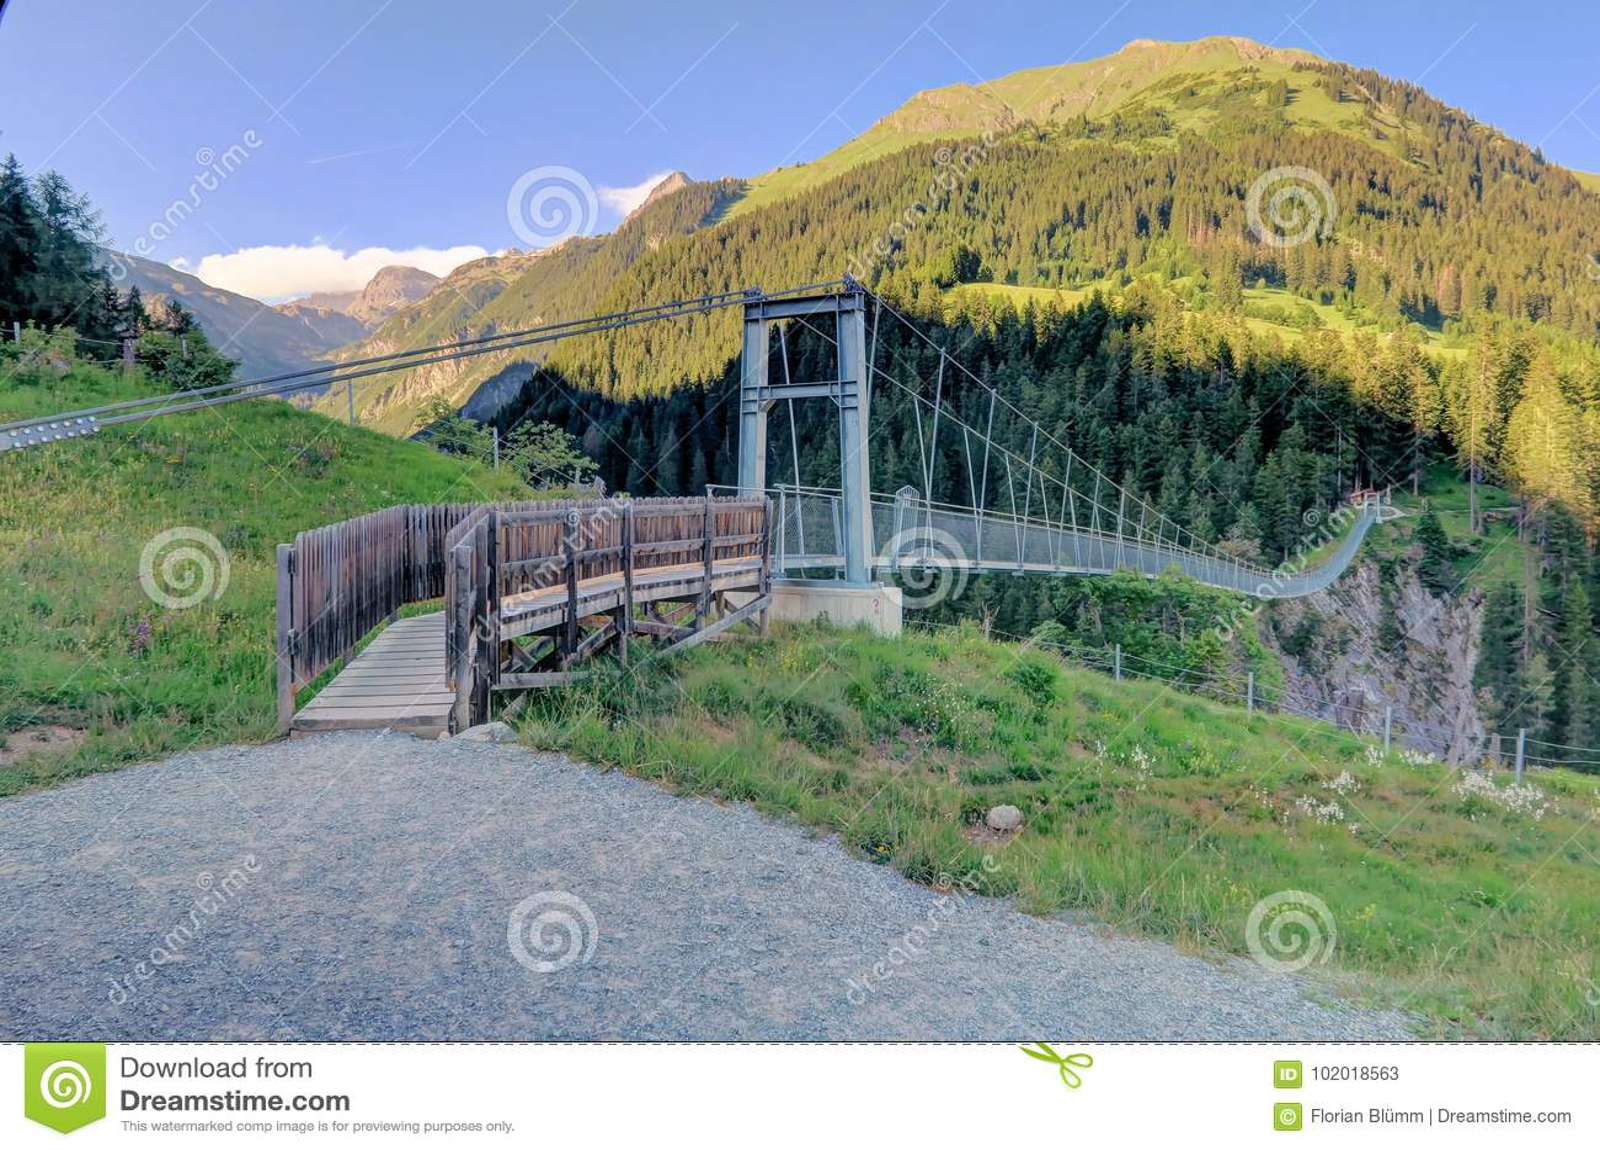 Austria`s Longest Pedestrian Suspension Bridge in Holzgau Bridge ...